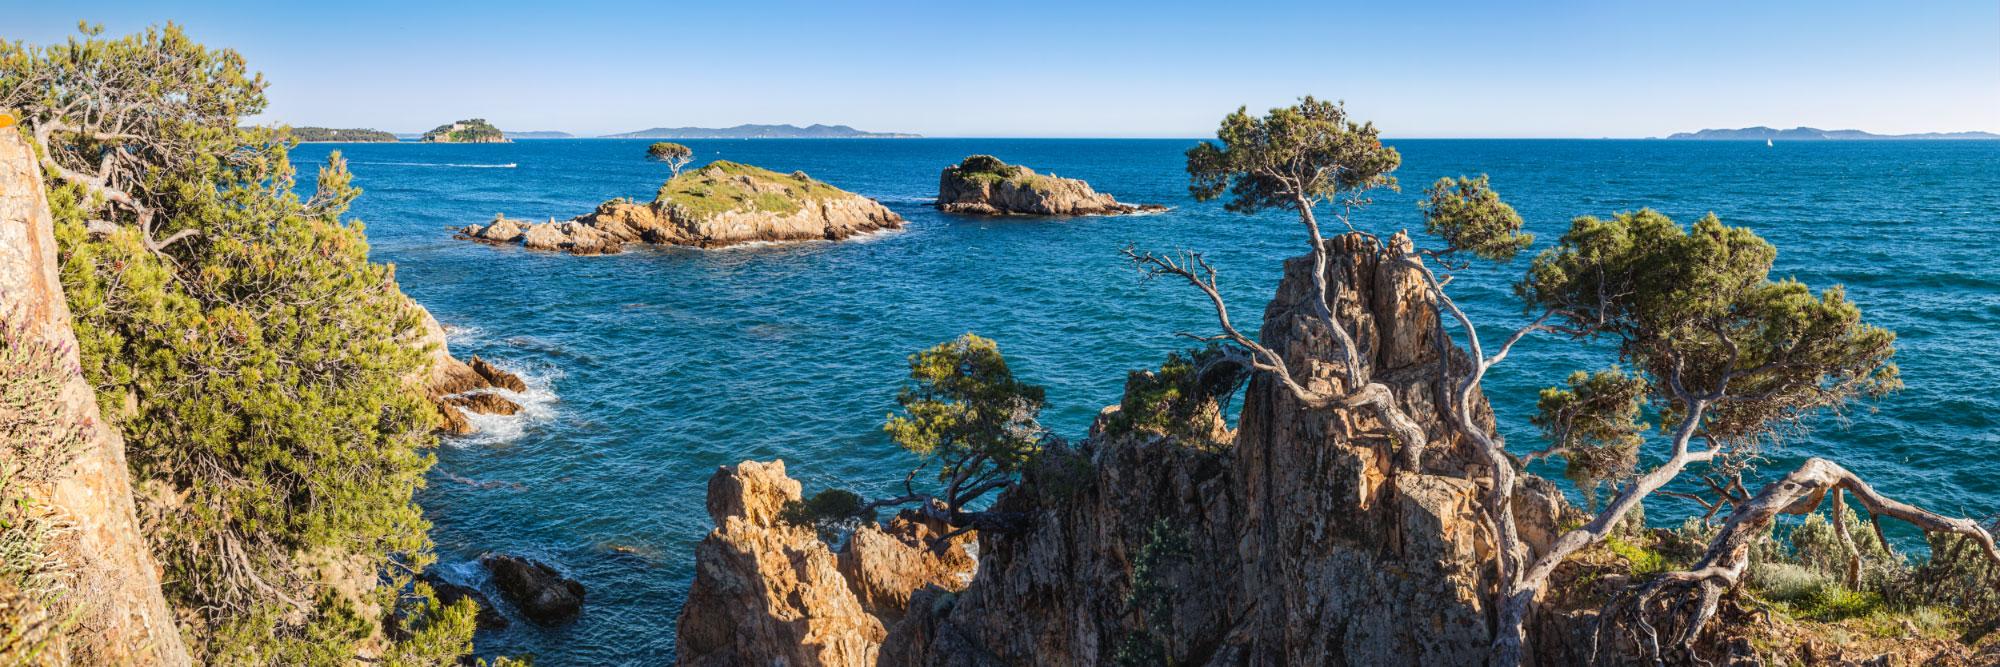 Ilôt de l'Estagnol, Brégançon, côte des Maures, Méditerranée